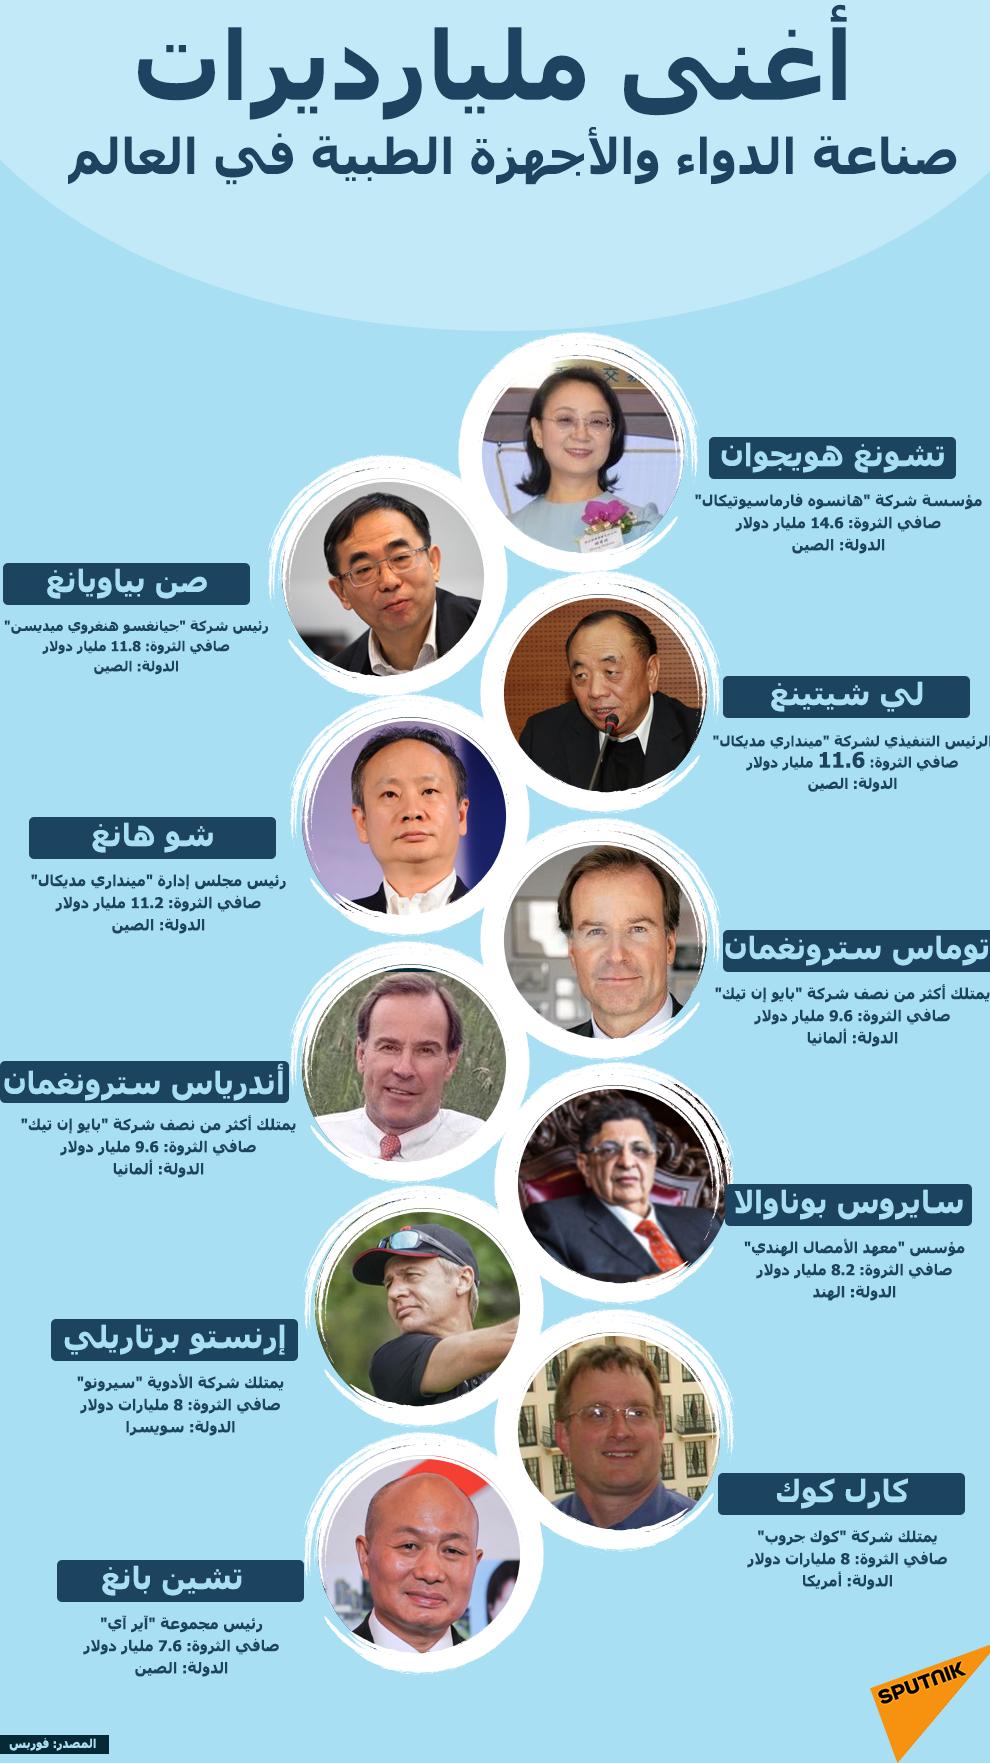 أغنى مليارديرات صناعة الدواء والأجهزة الطبية في العالم